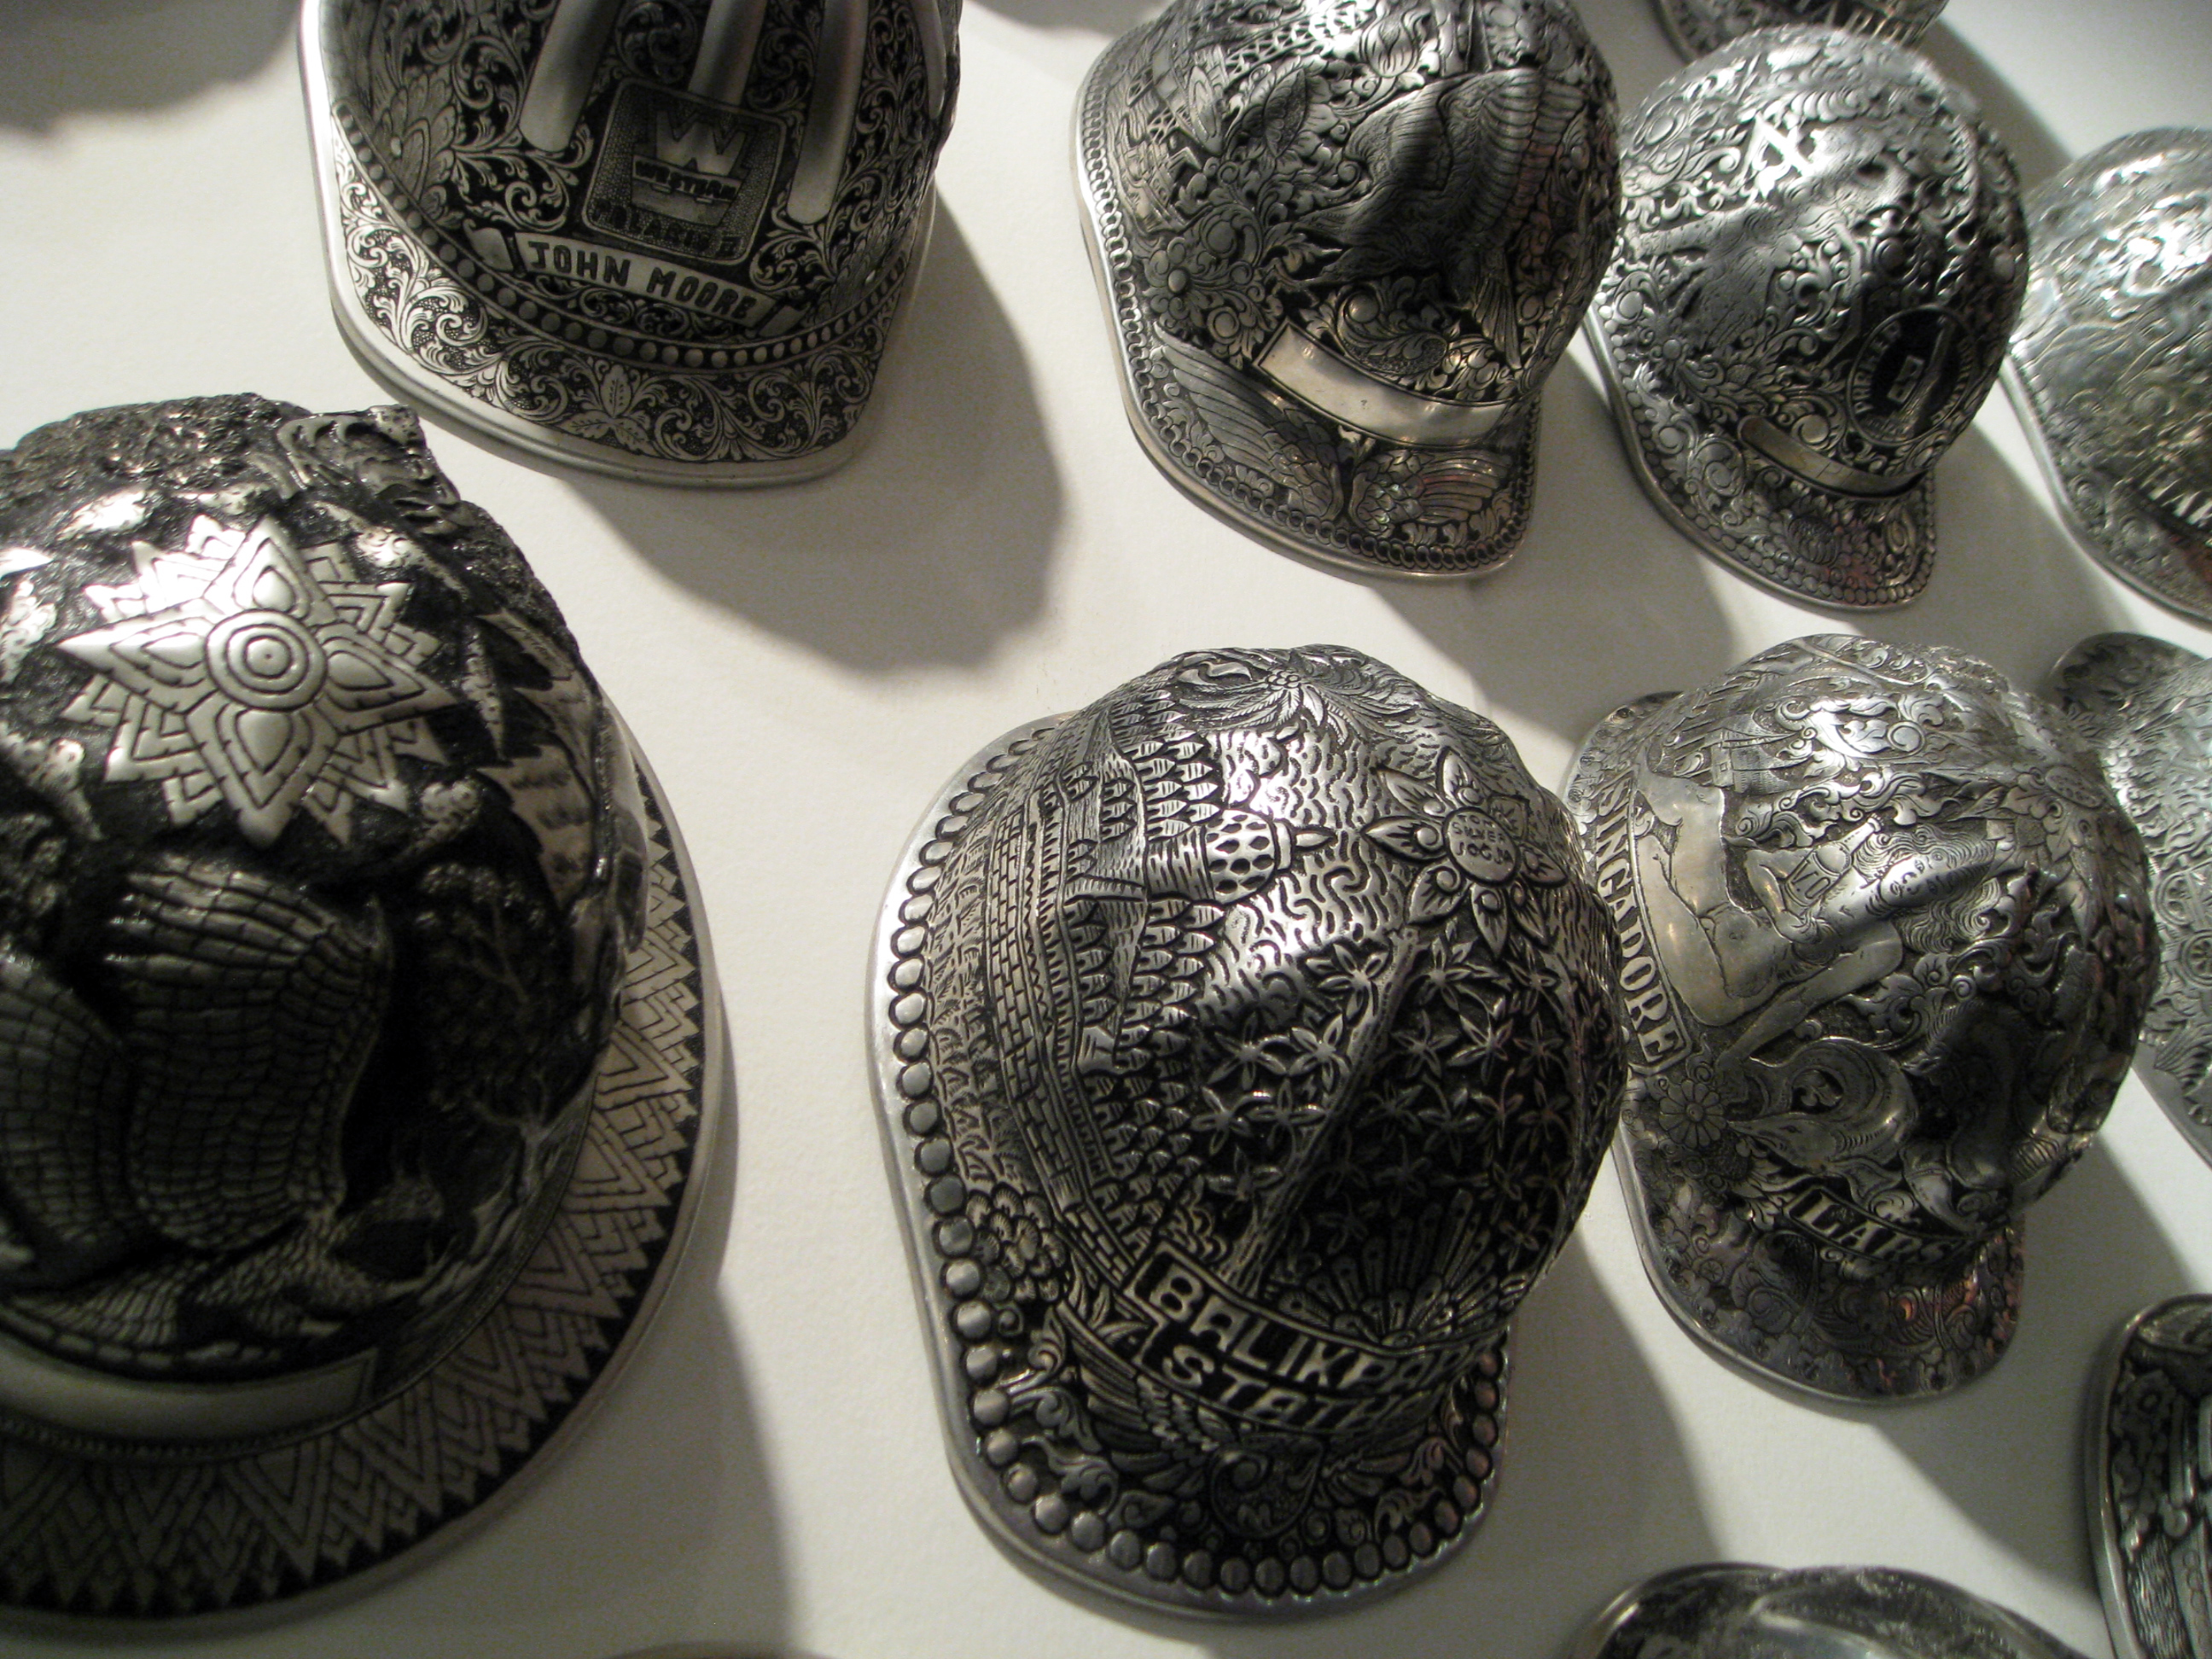 Ricco Maresca Gallery Displays 26 Vintage Hard Hats  6c6510092c0